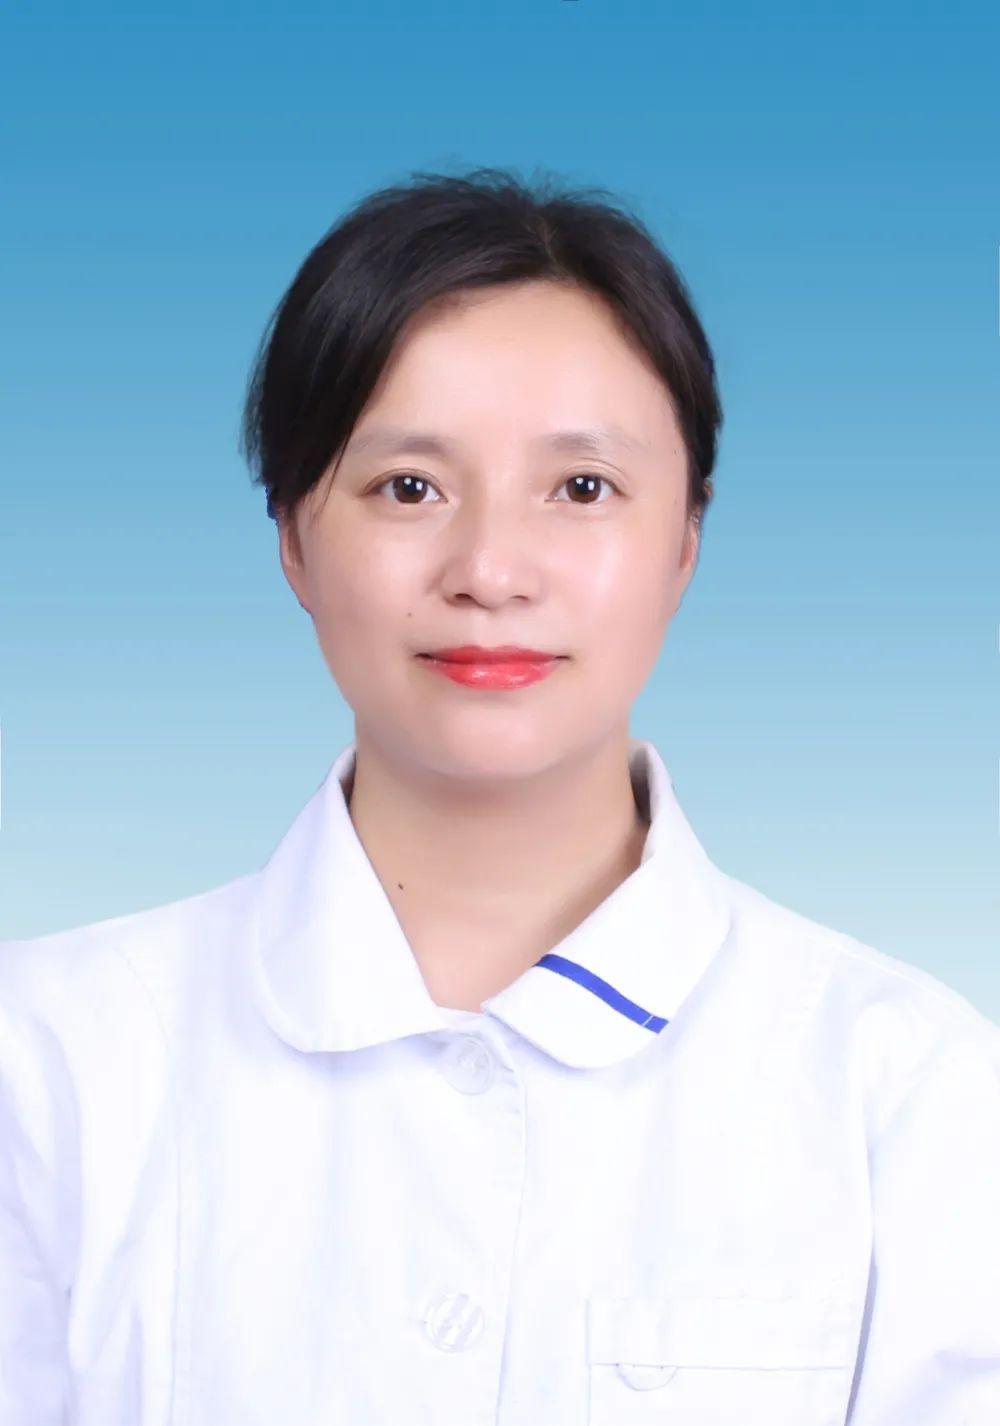 成都市新津区人民医院两项市级医共体护理科研项目成功立项